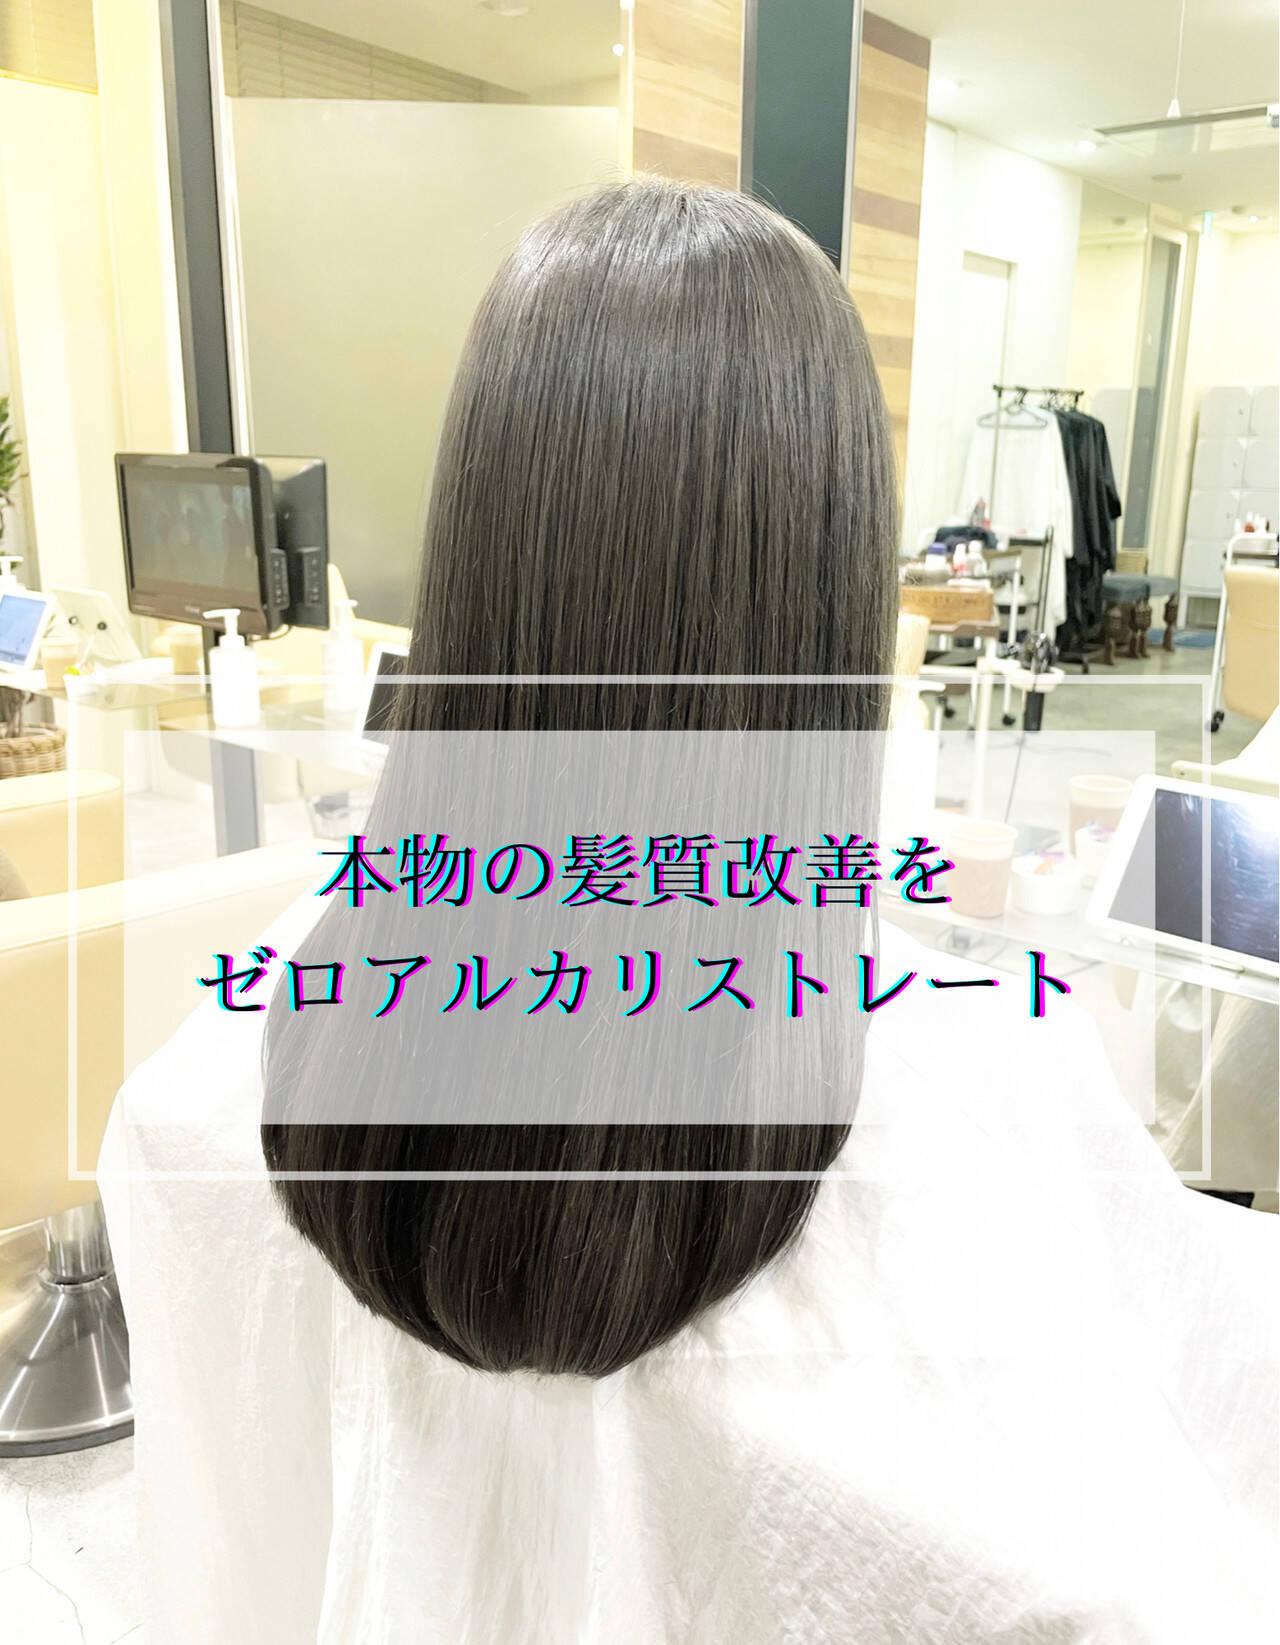 ストレート 髪質改善 前髪 グレージュヘアスタイルや髪型の写真・画像